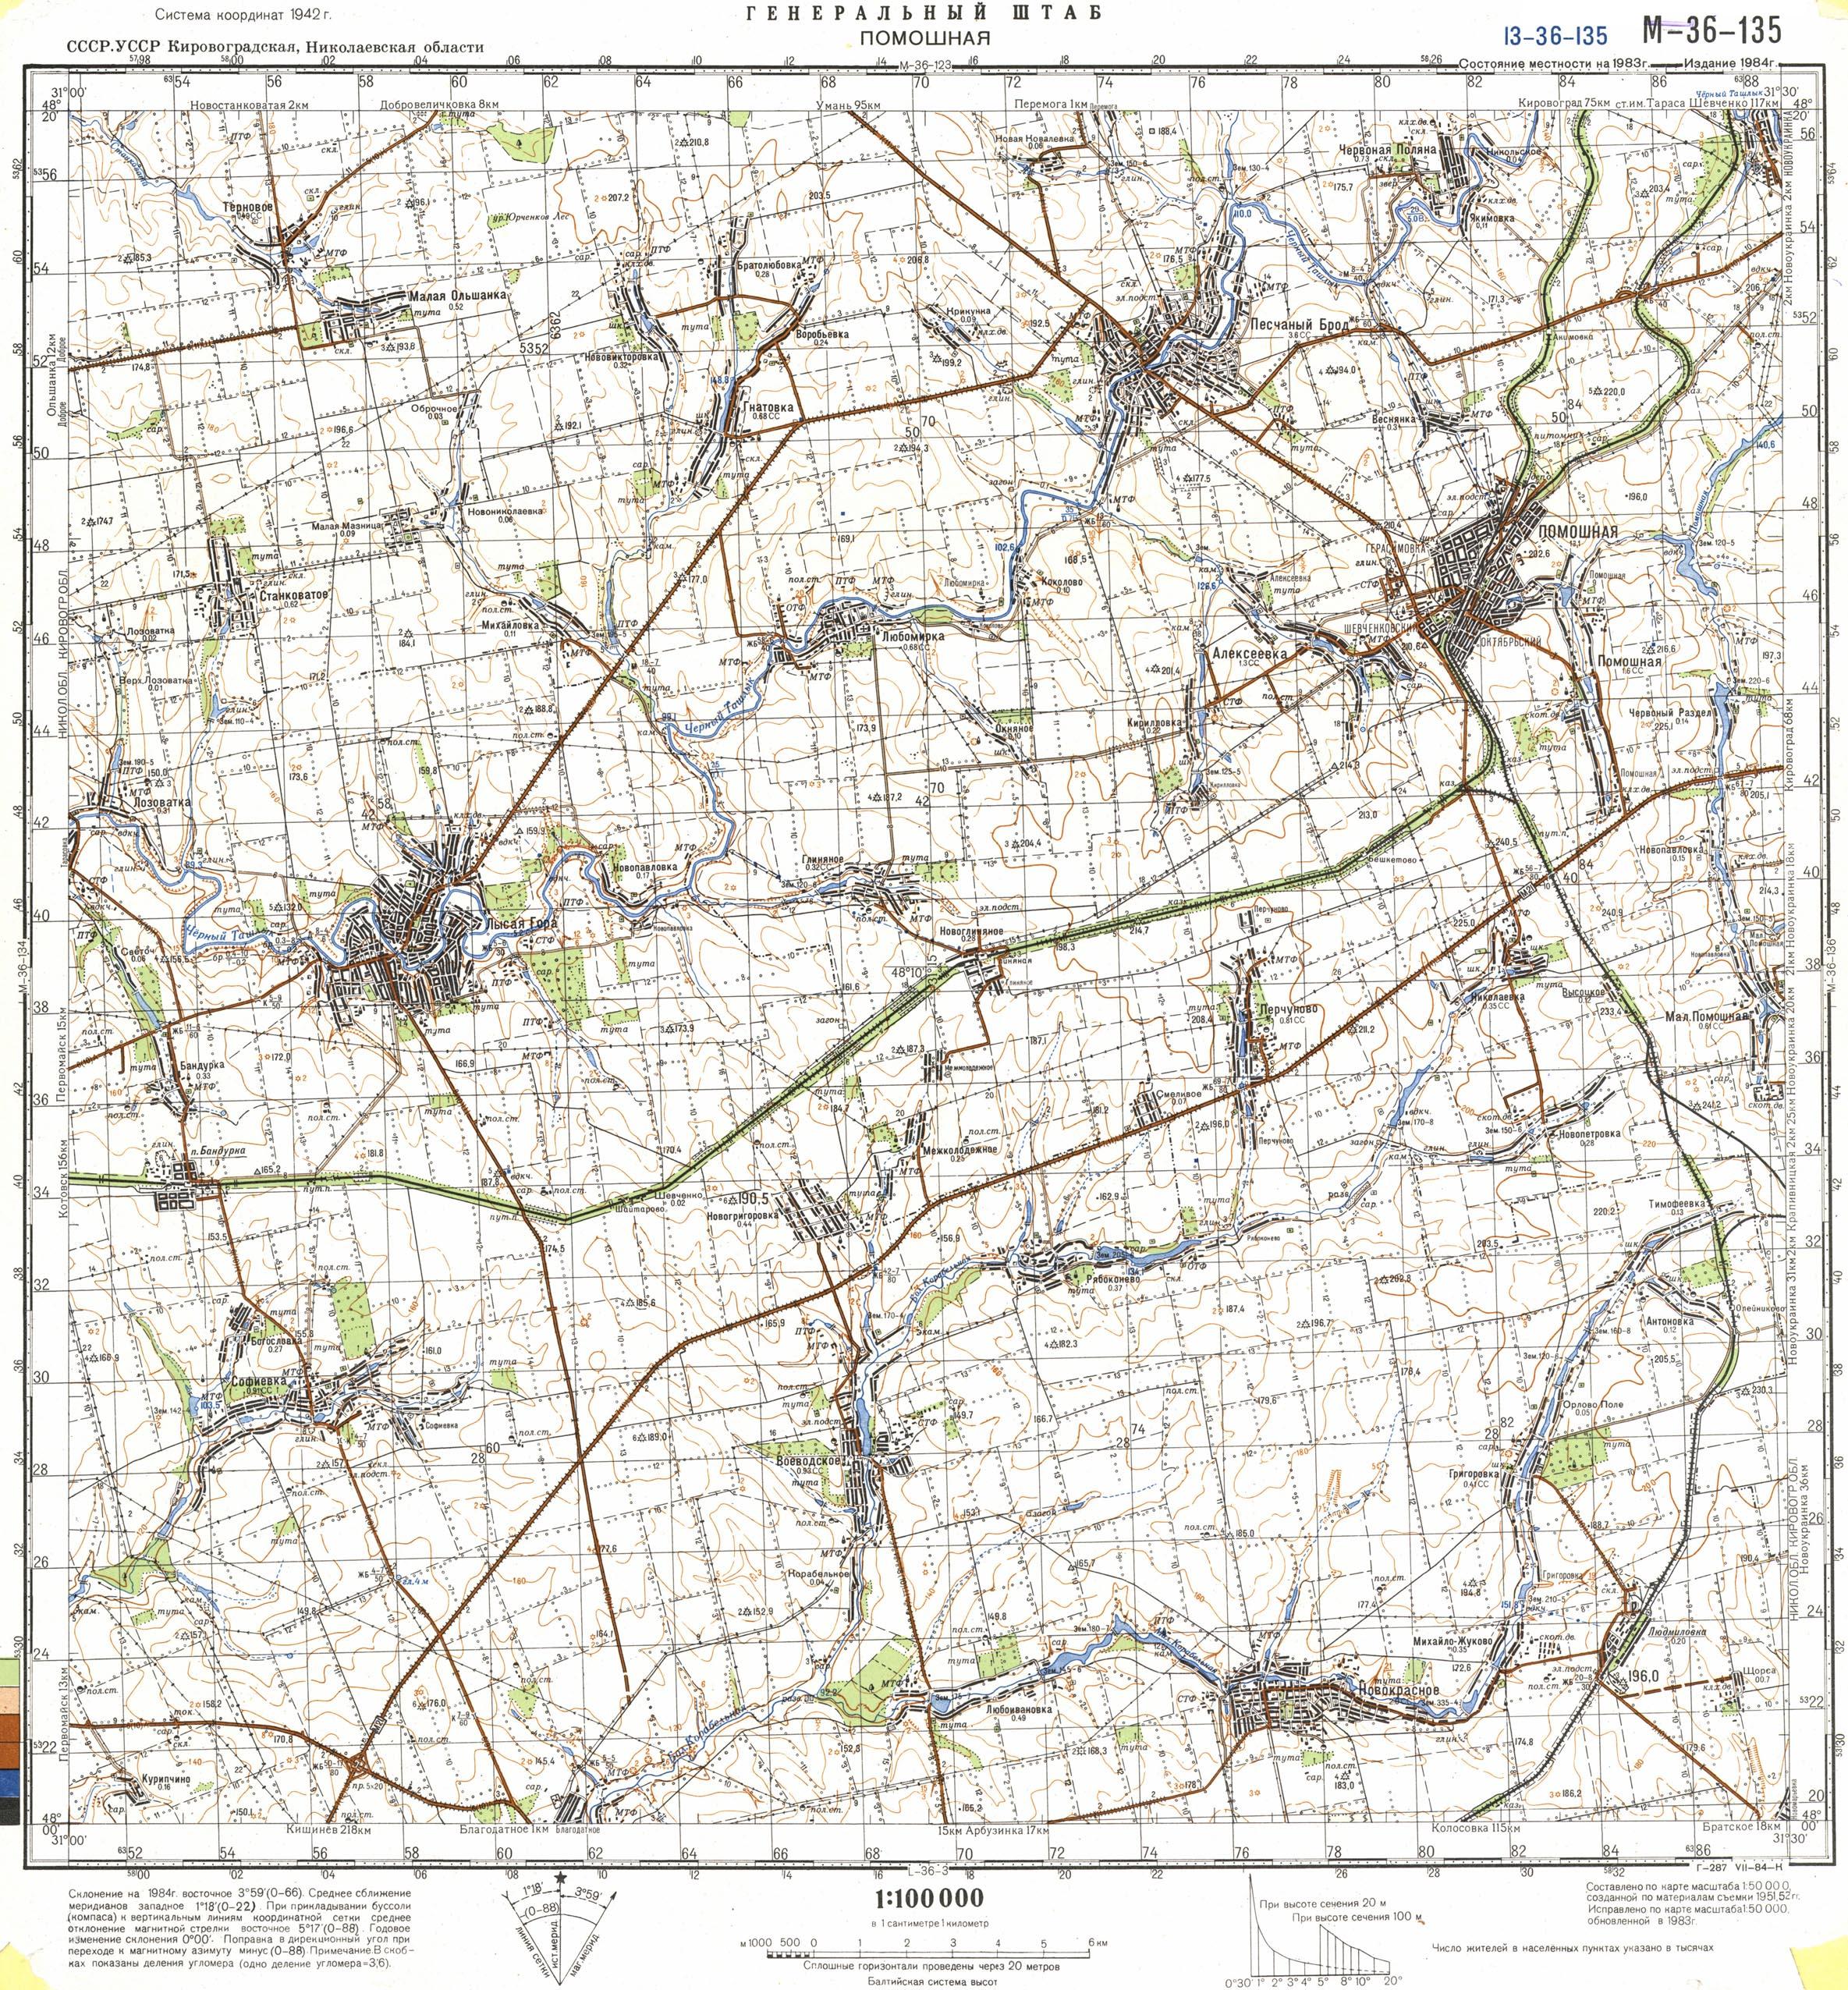 Карта города Помошная